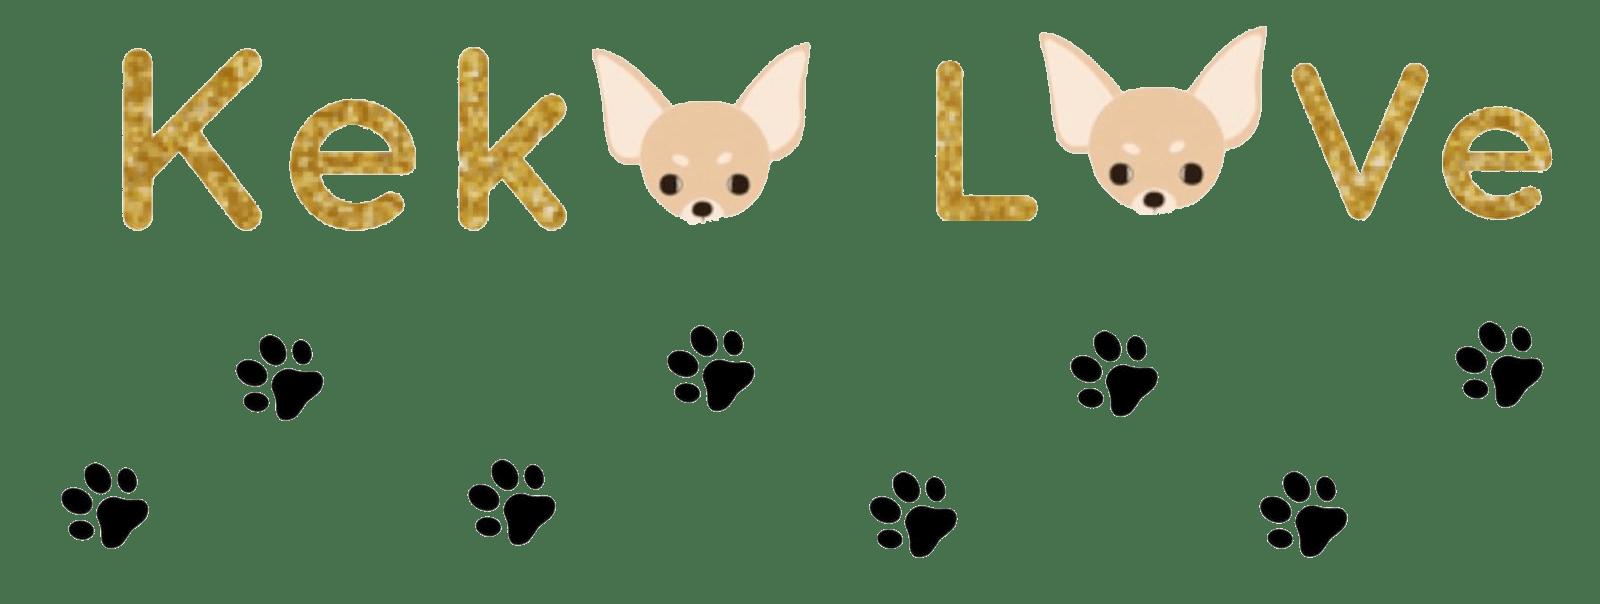 Keko Love